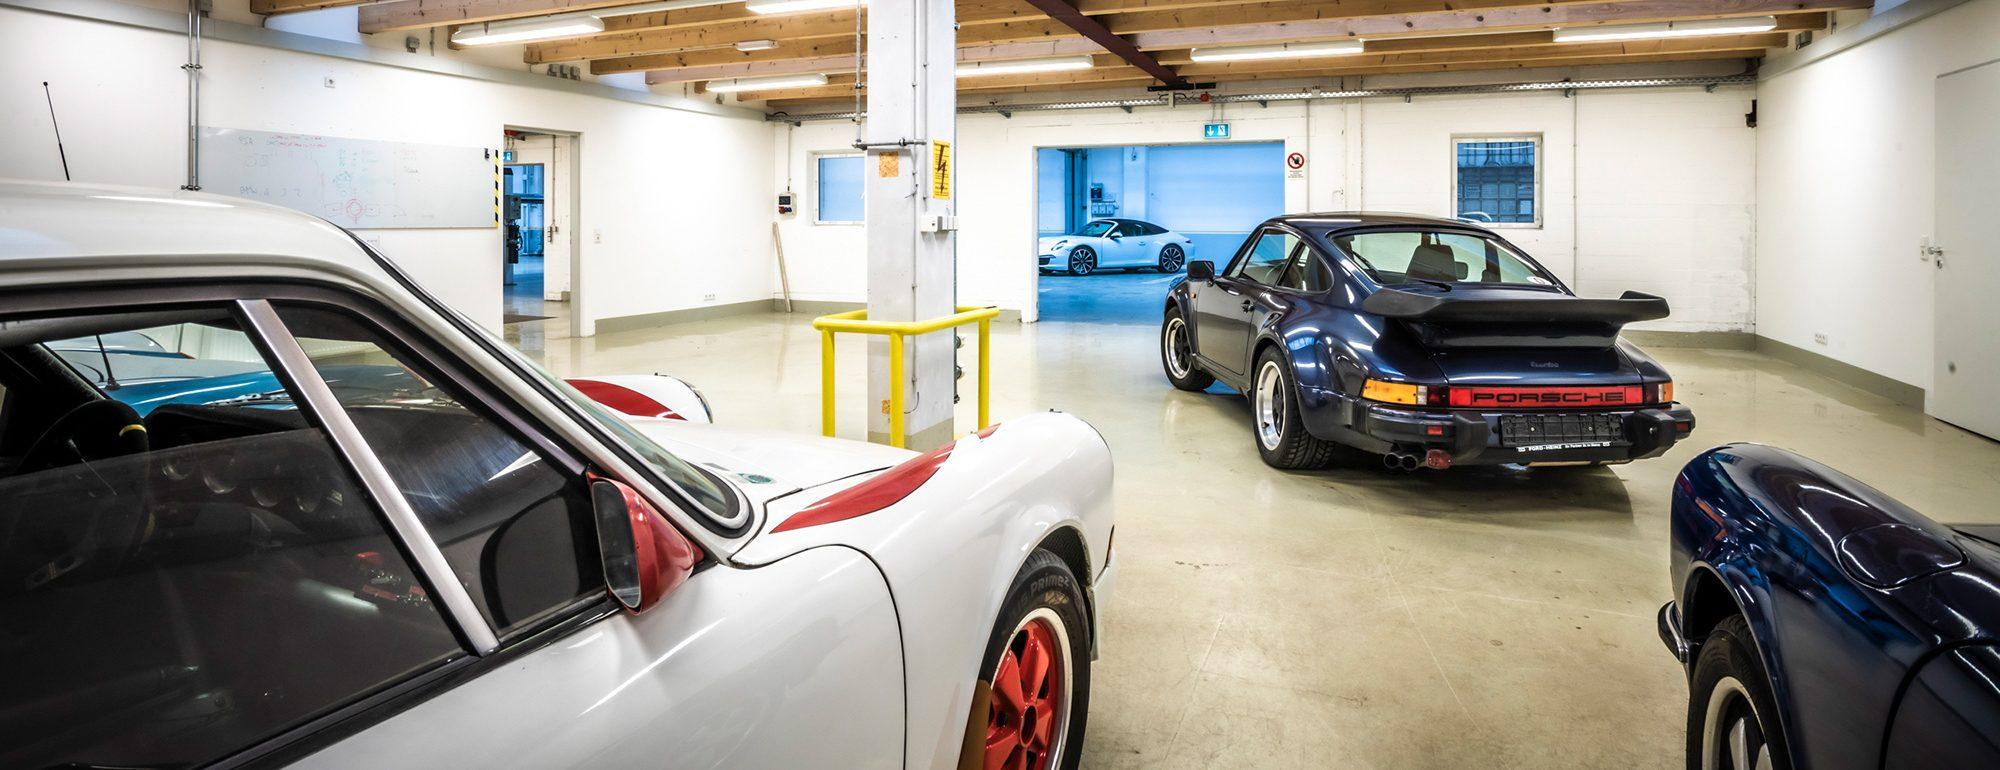 Garage für Oldtimer